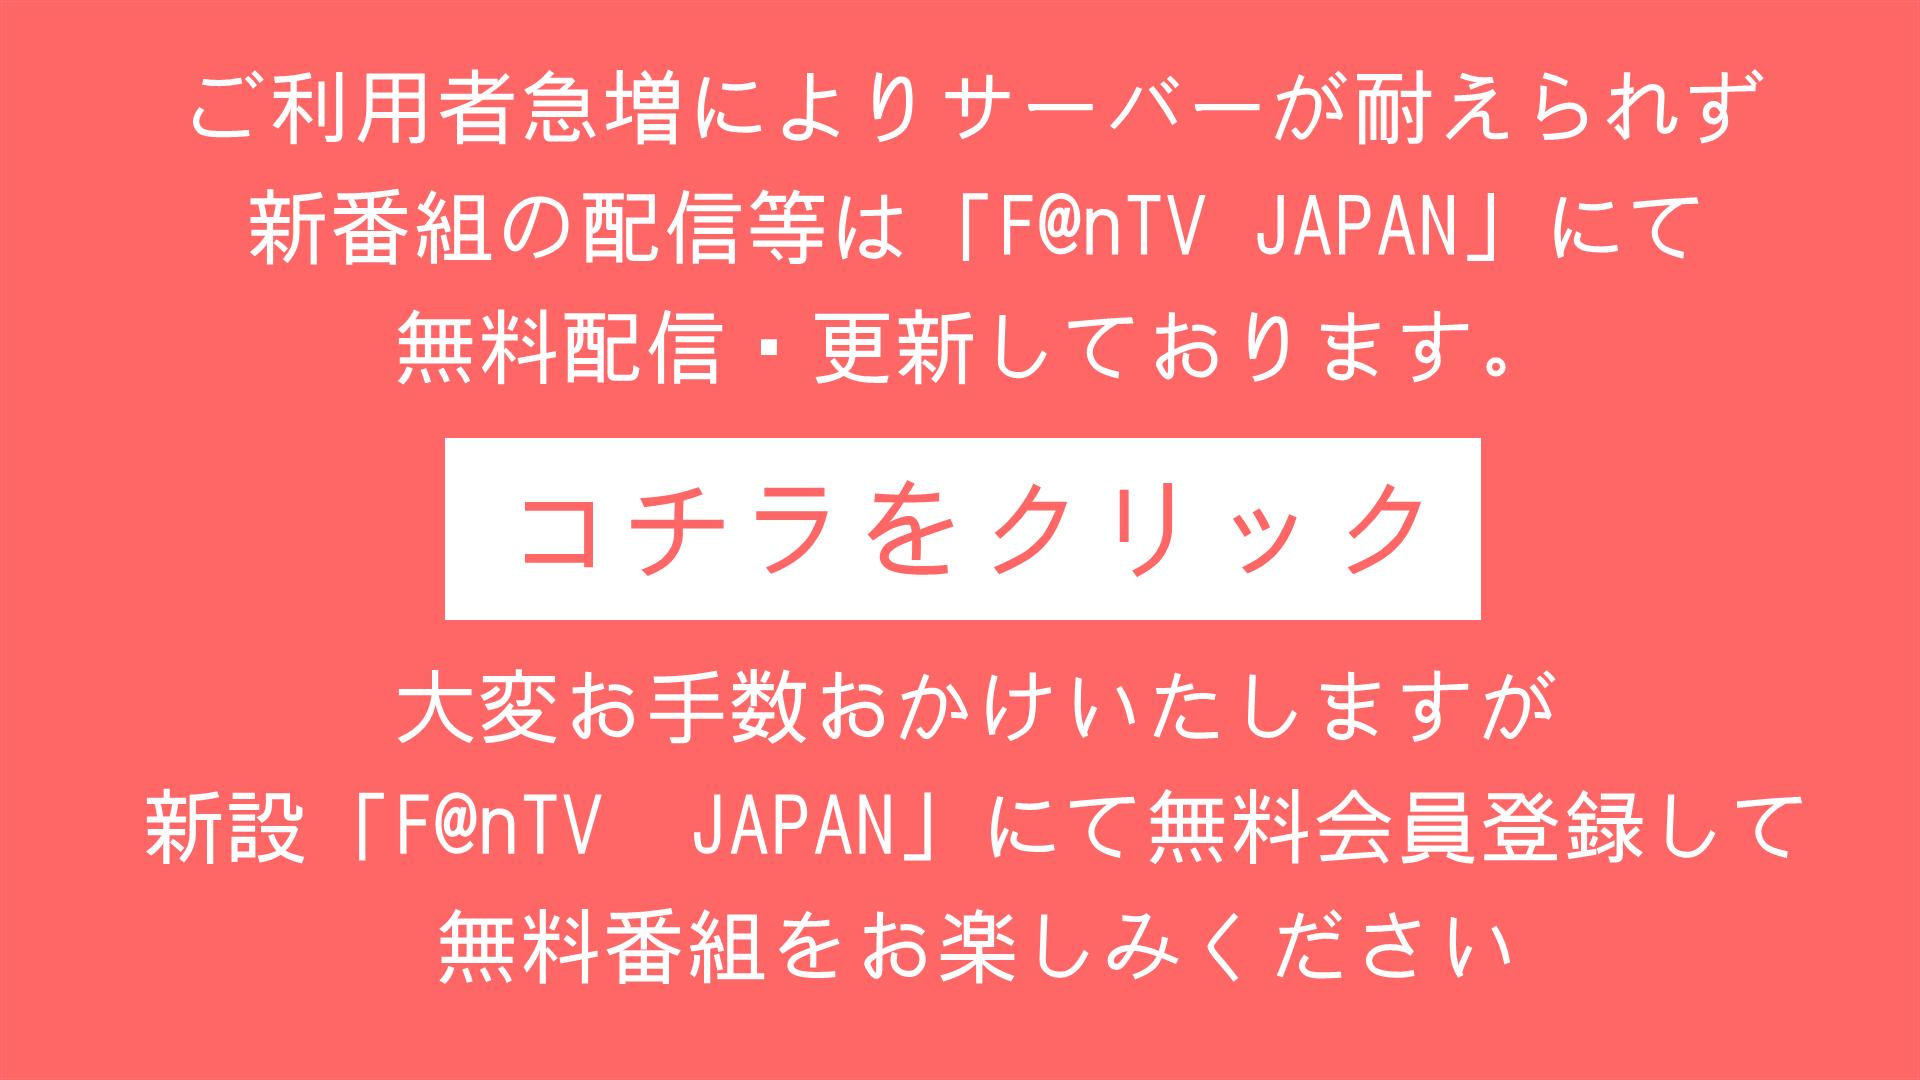 新サイトF@nTV JAPANへの誘導